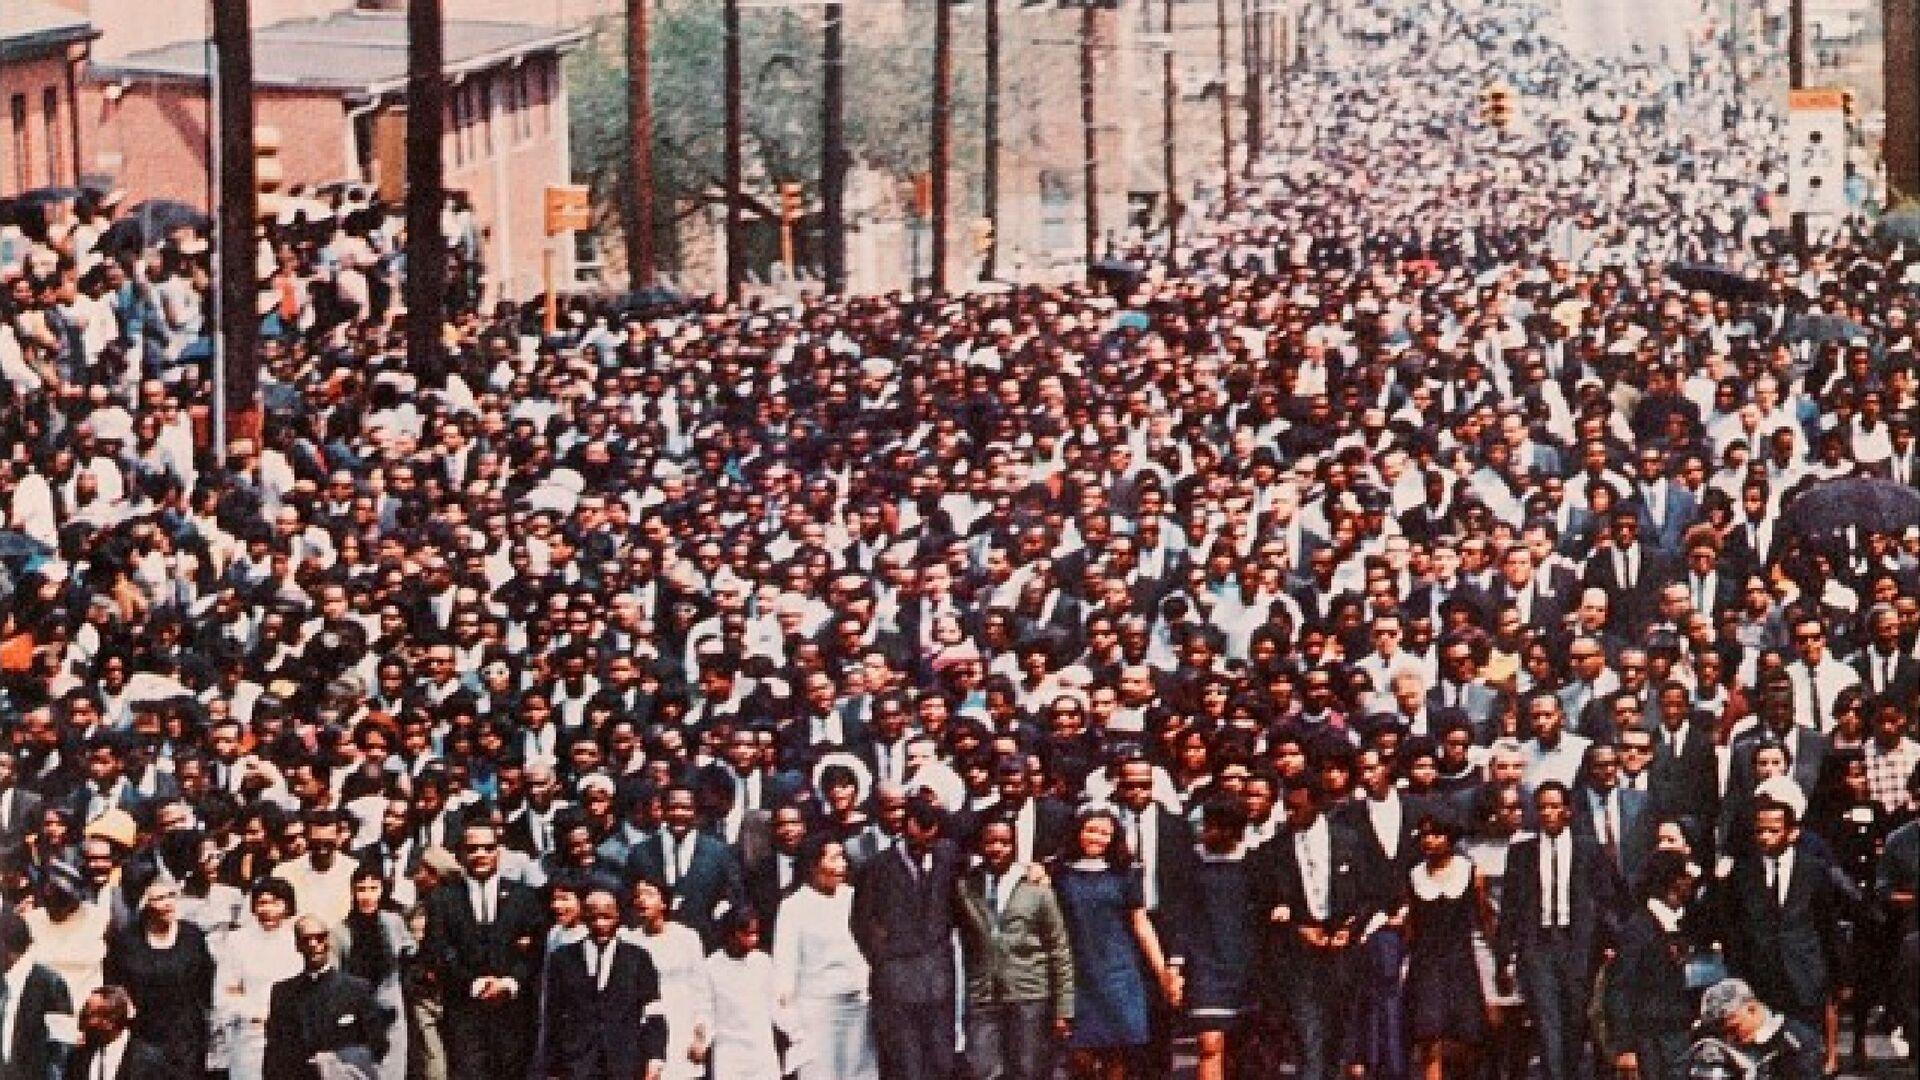 Gordon Parks For Life Magazine